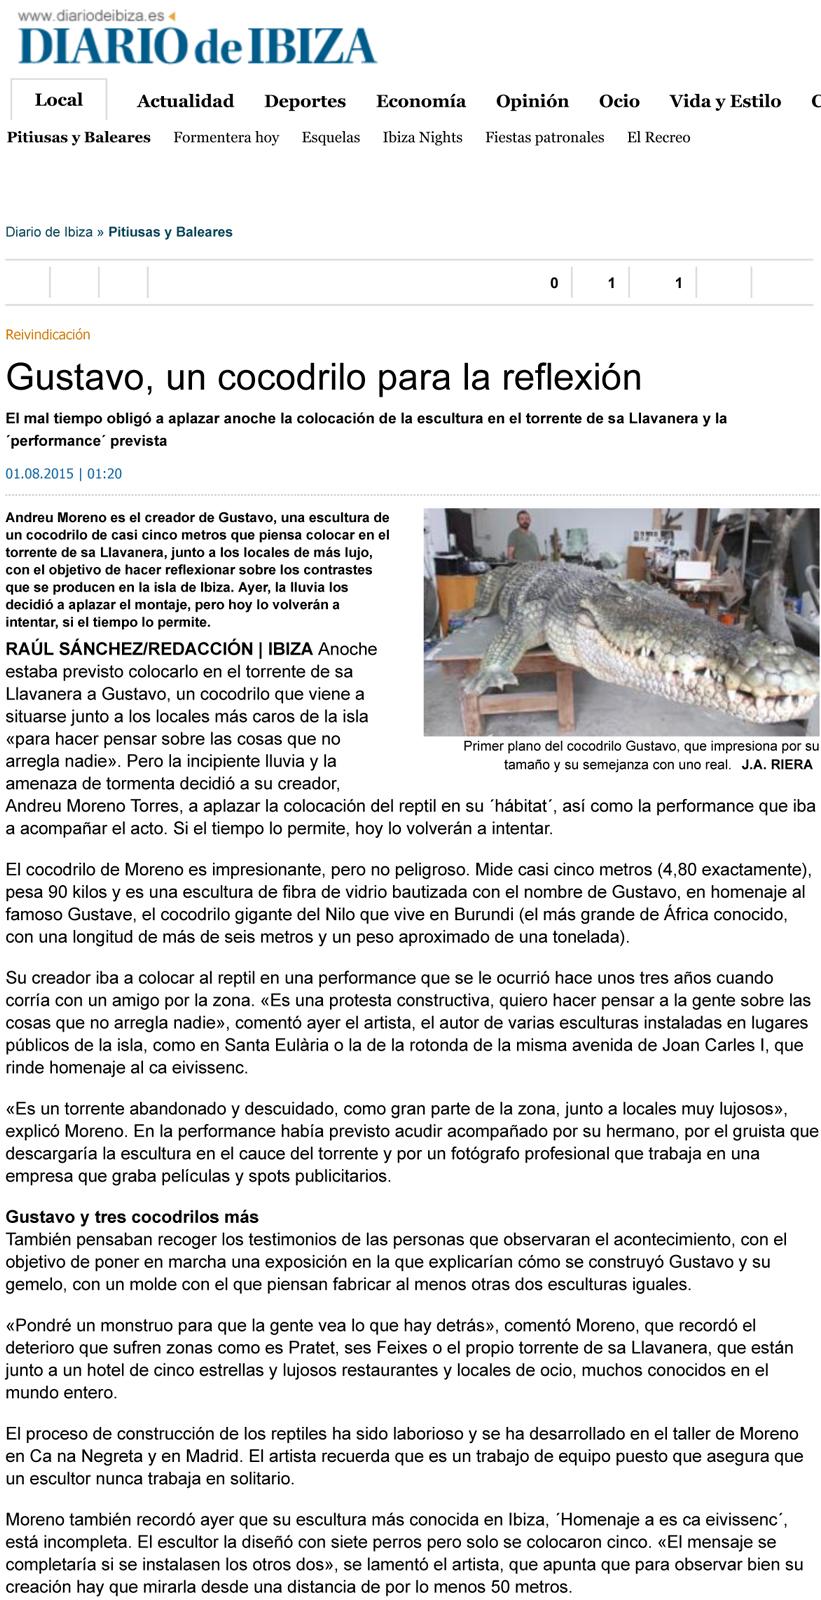 Diario de Ibiza 1 de agosto 2015